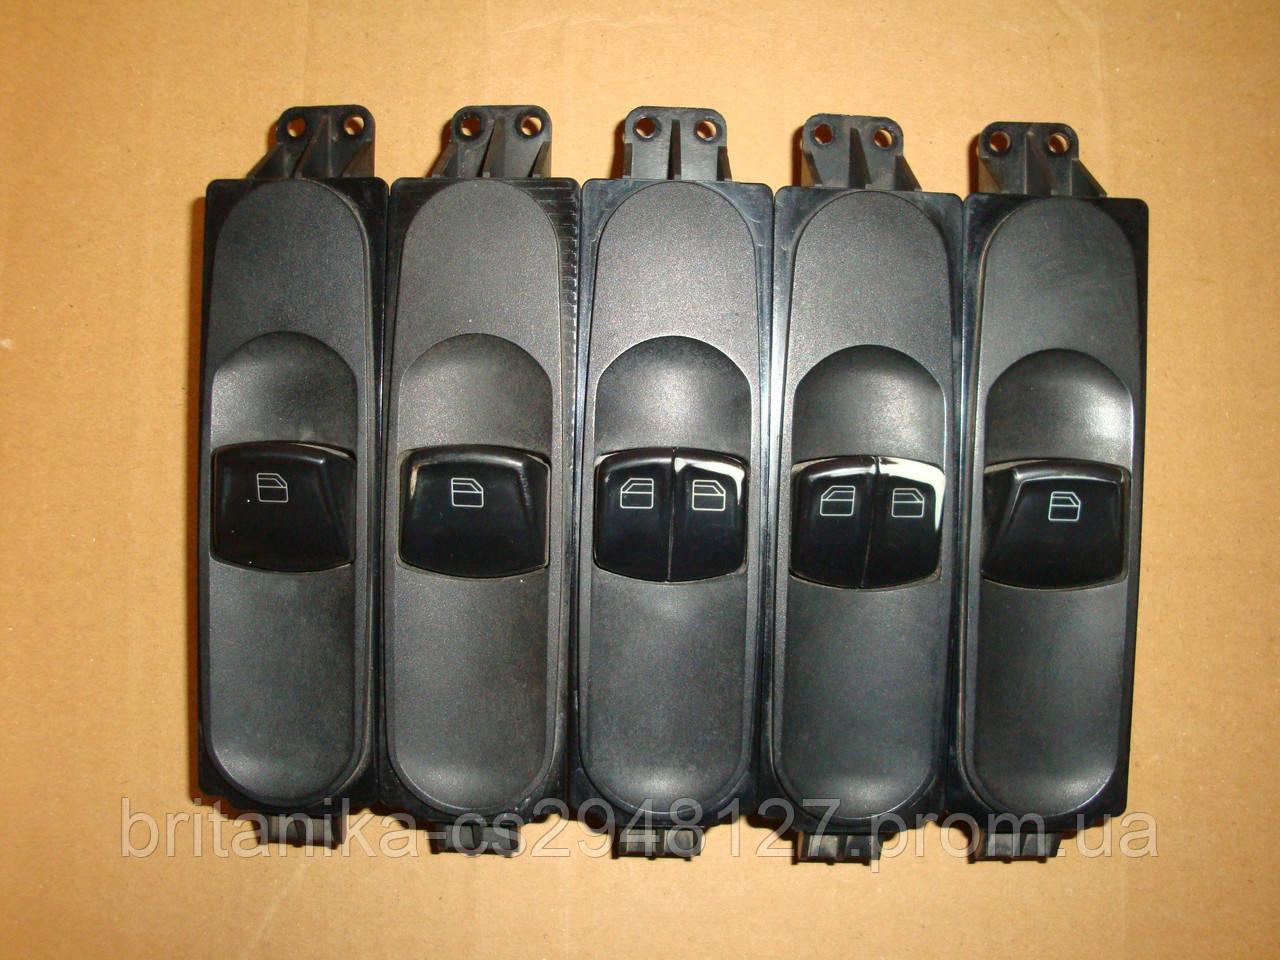 Блок управління электростекло витягами Мерседес Віто 639 правий R пасажирський бо Vito